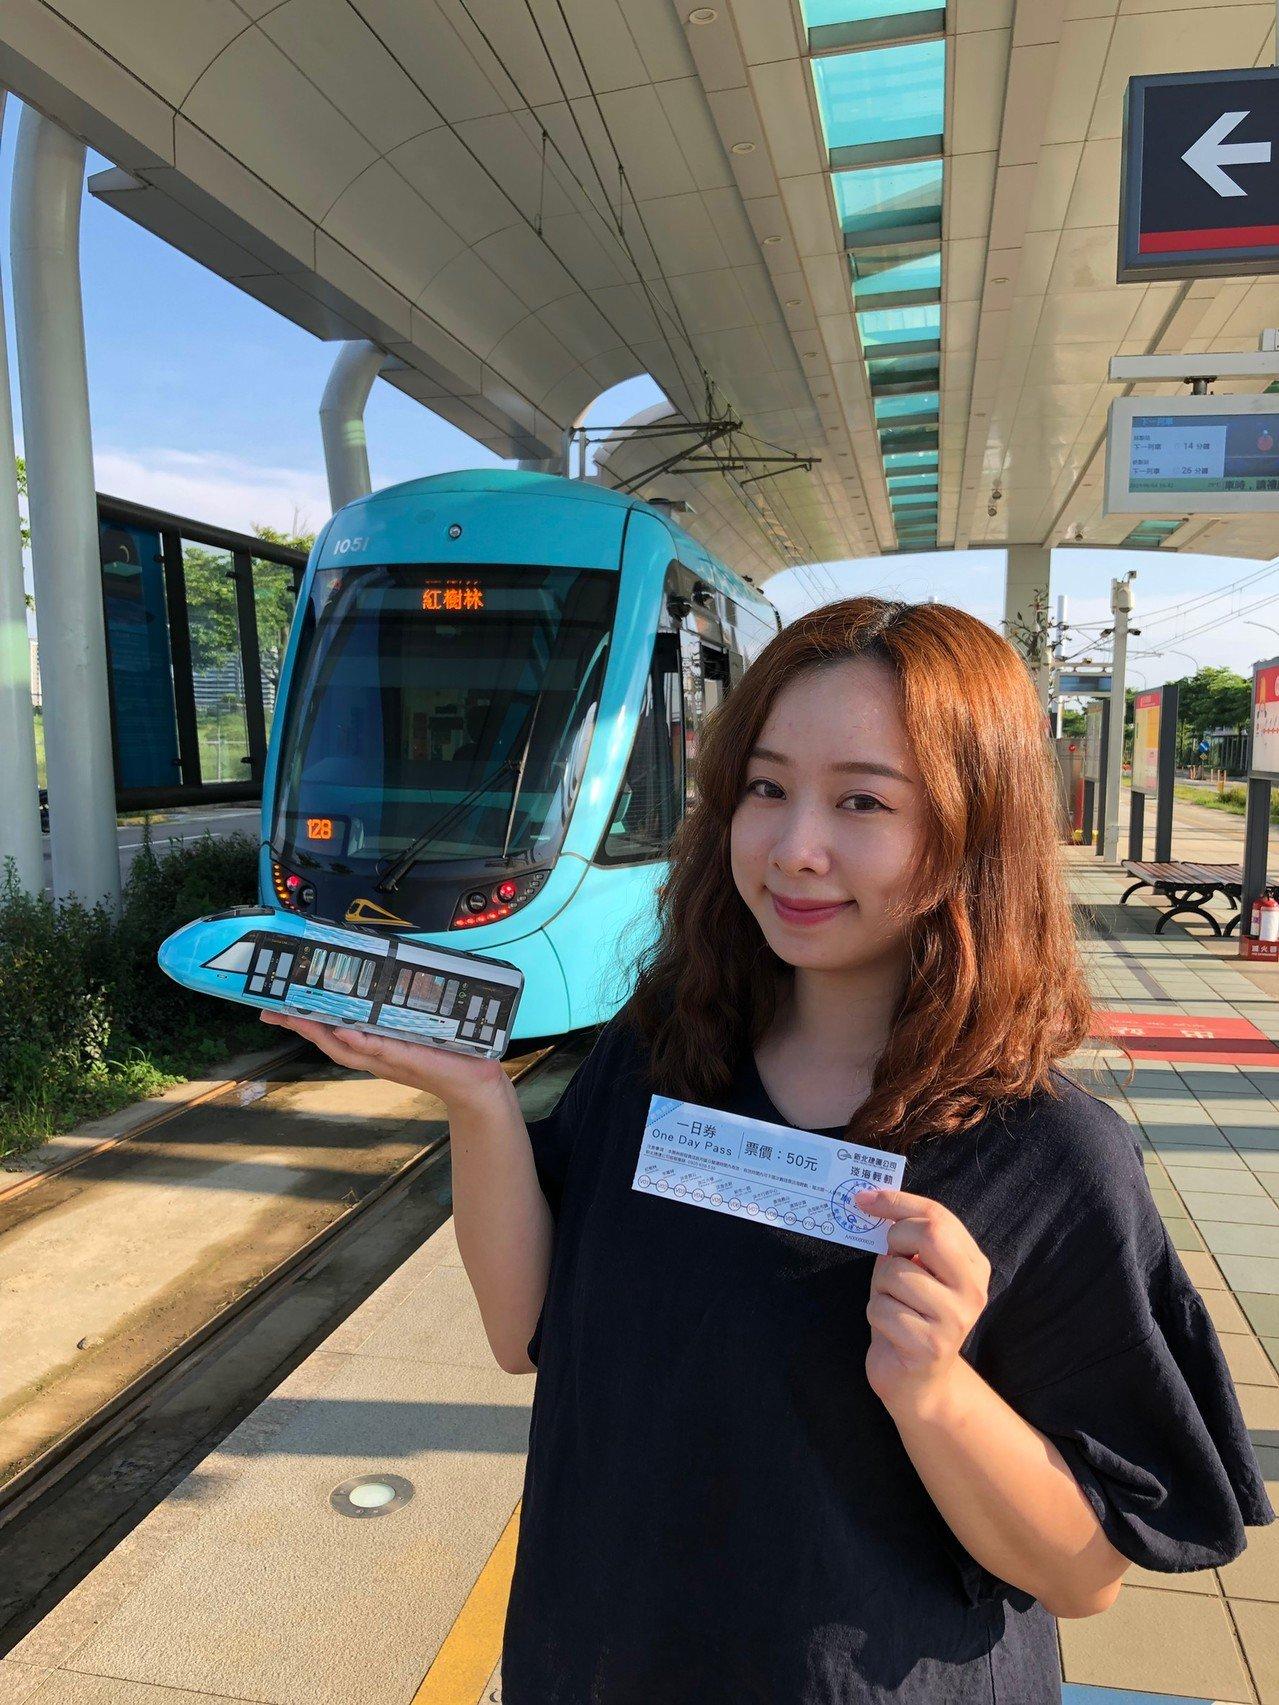 端午節連假即將到來,7日至9日連假期間,每天前400名購買淡海輕軌一日券的旅客,...